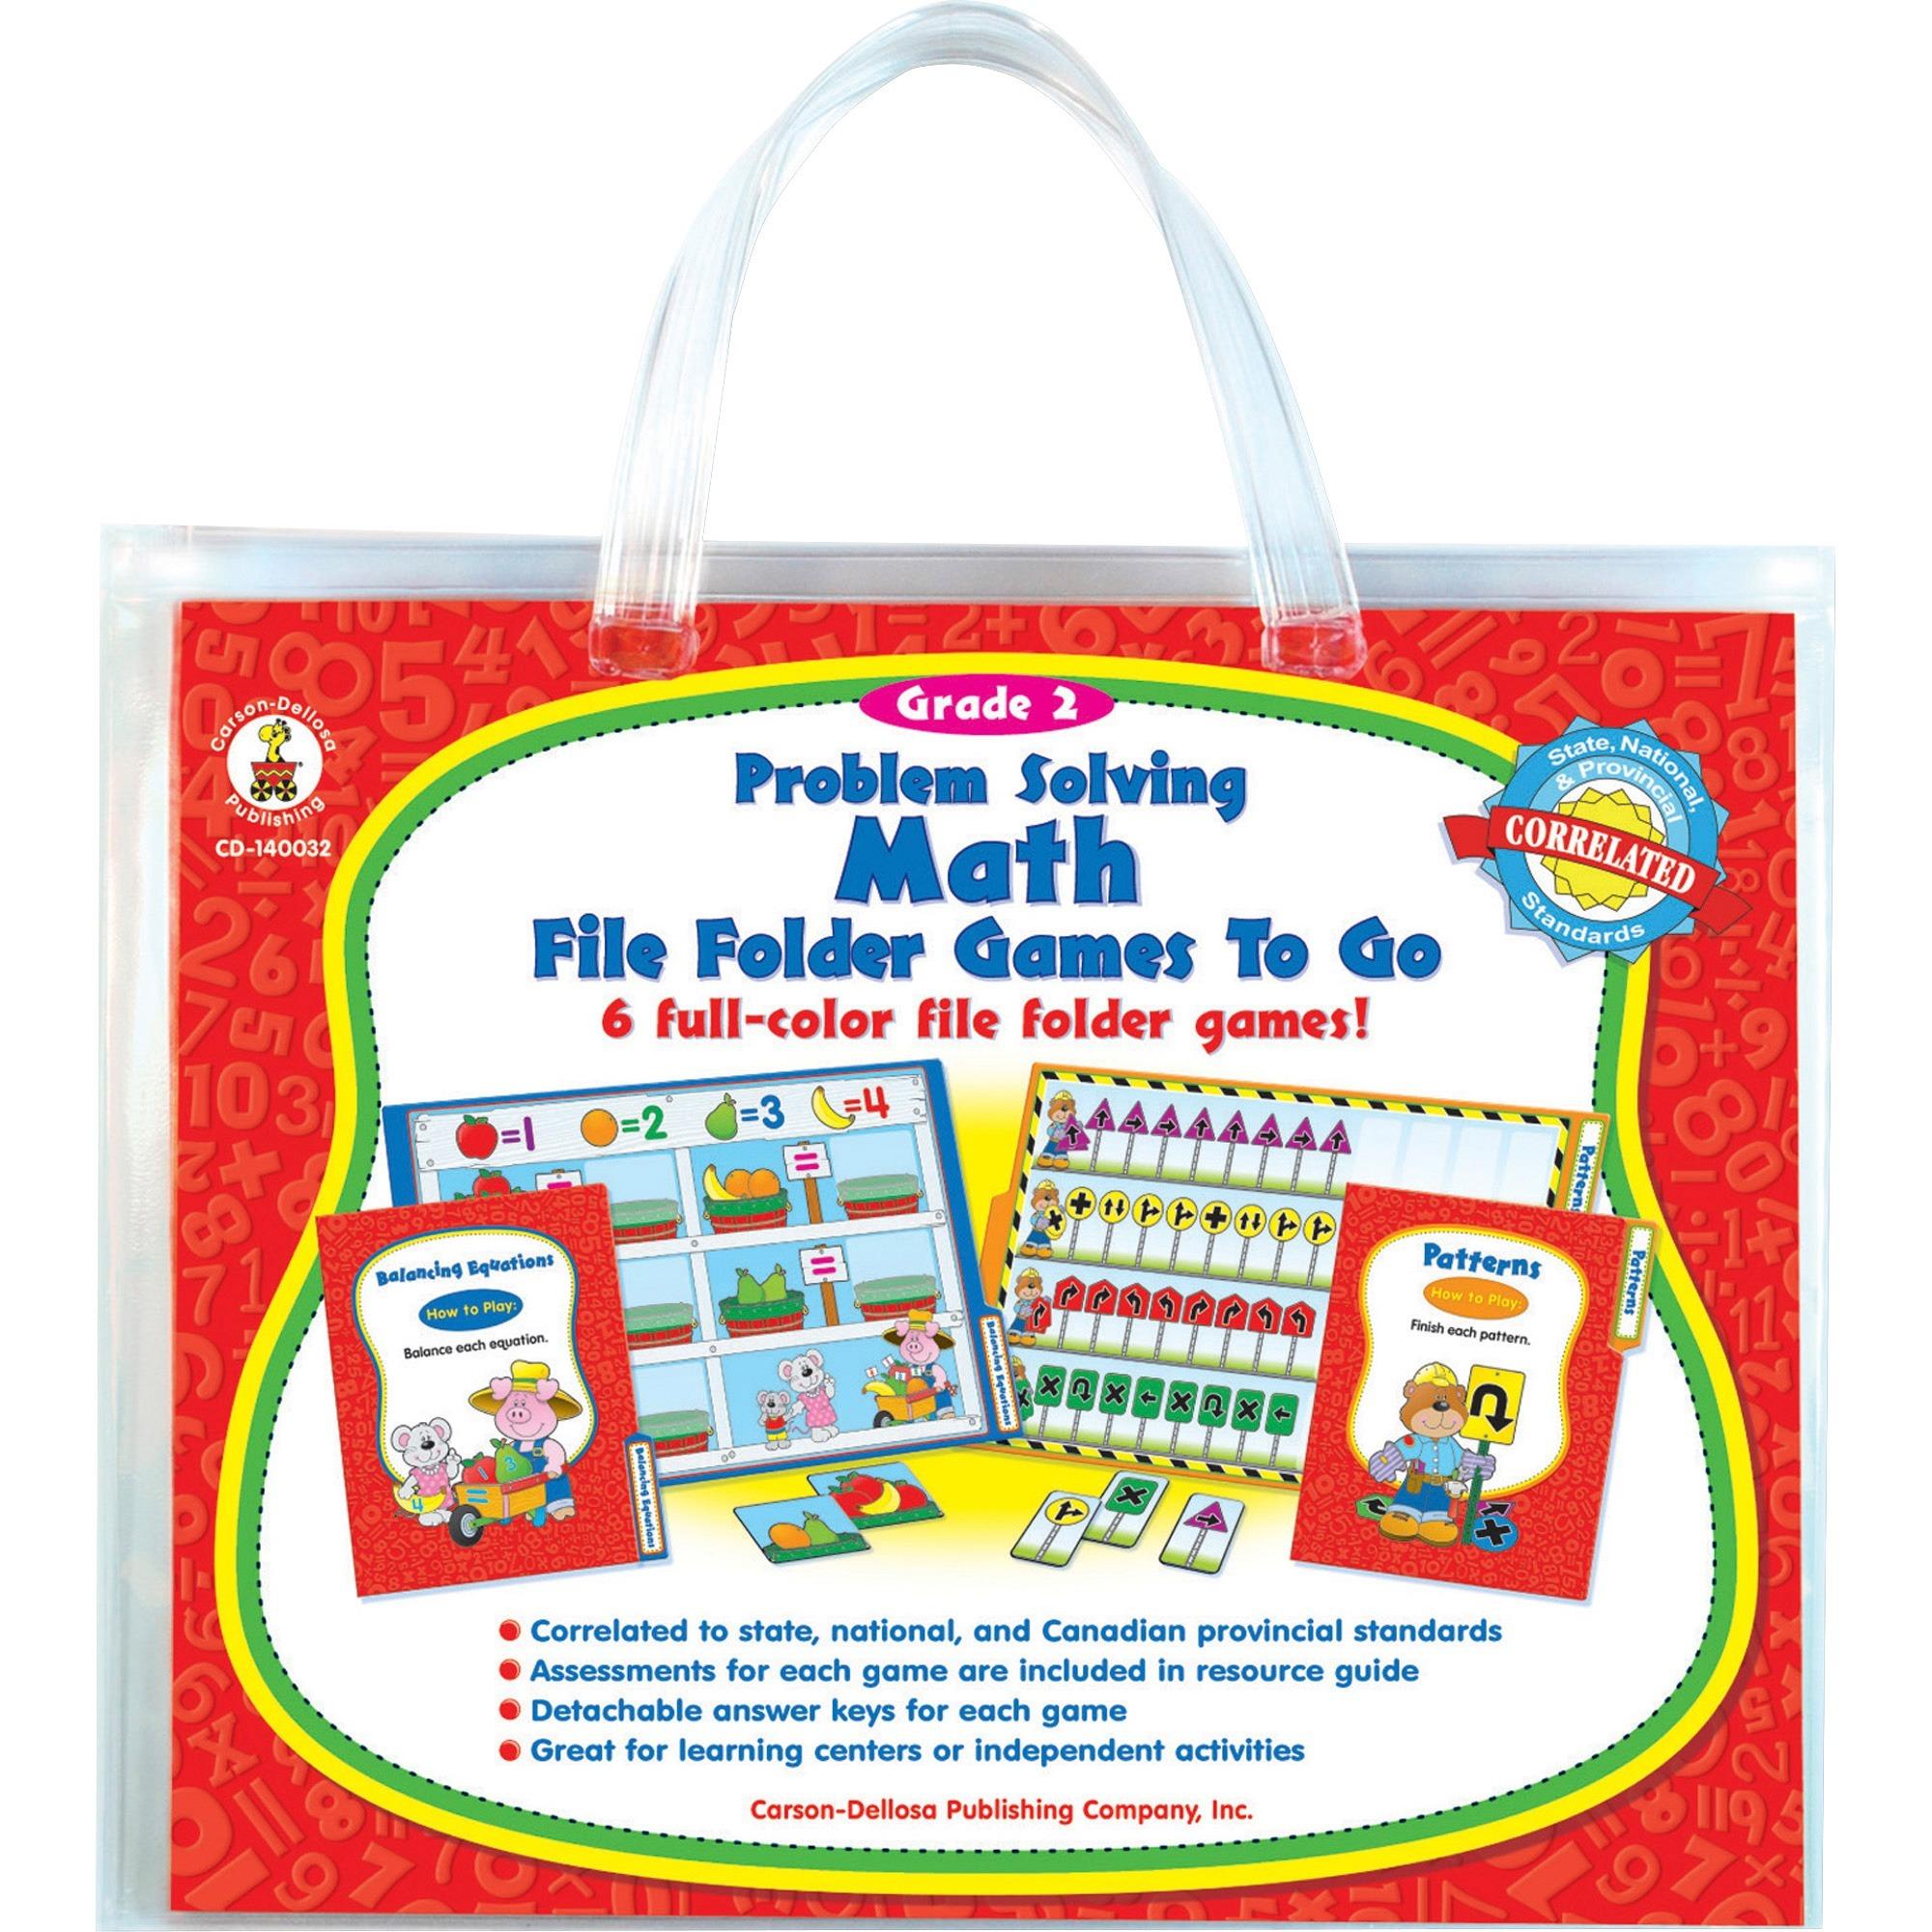 Carson-Dellosa, CDP140032, Problem Solving Math Game, 1 Each, Multi